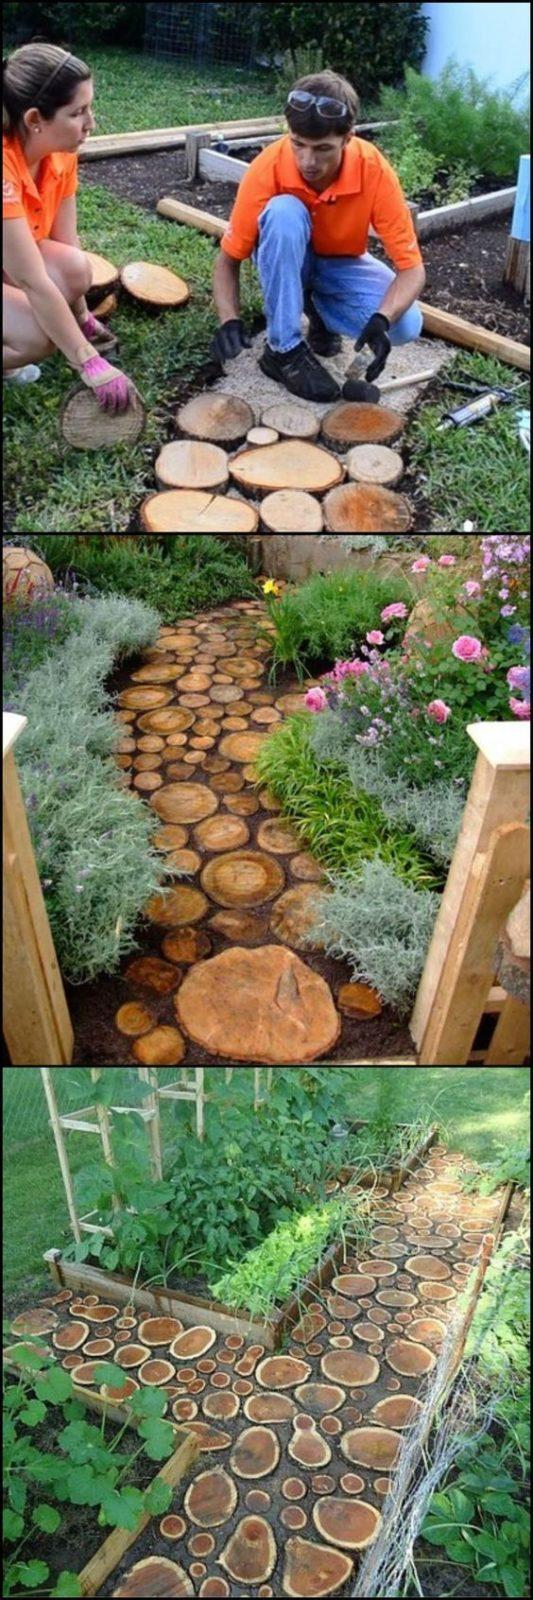 Дачные поделки своими руками для украшения сада: дорожка из дерева